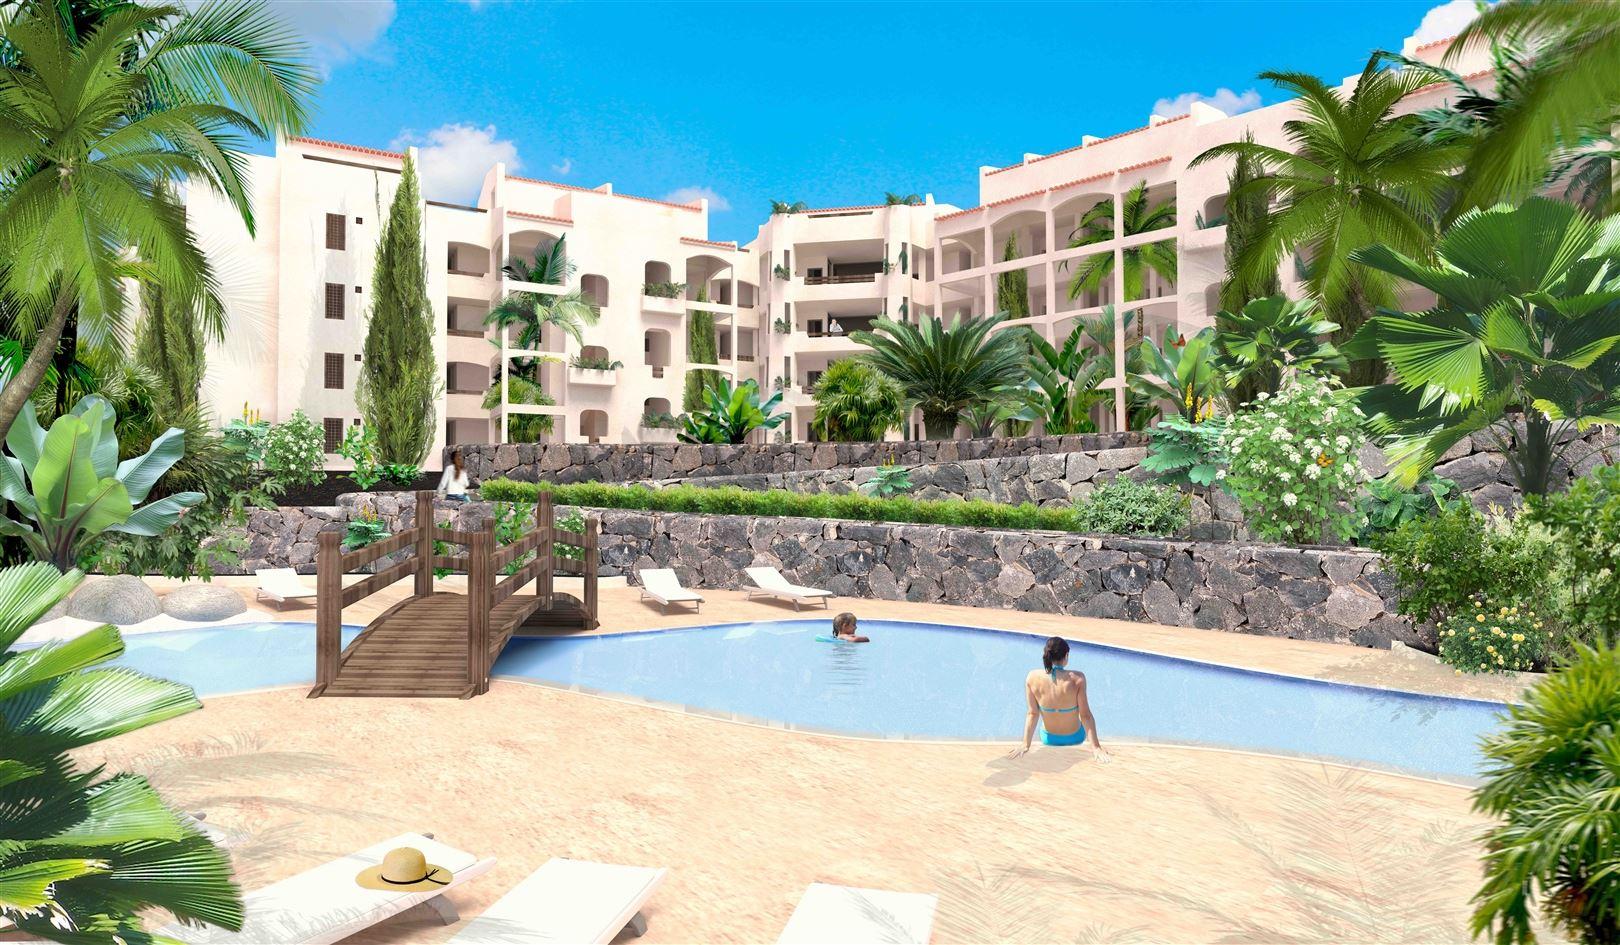 Foto 1 : Appartement te  ARONA - PALM MAR (Spanje) - Prijs Prijs op aanvraag